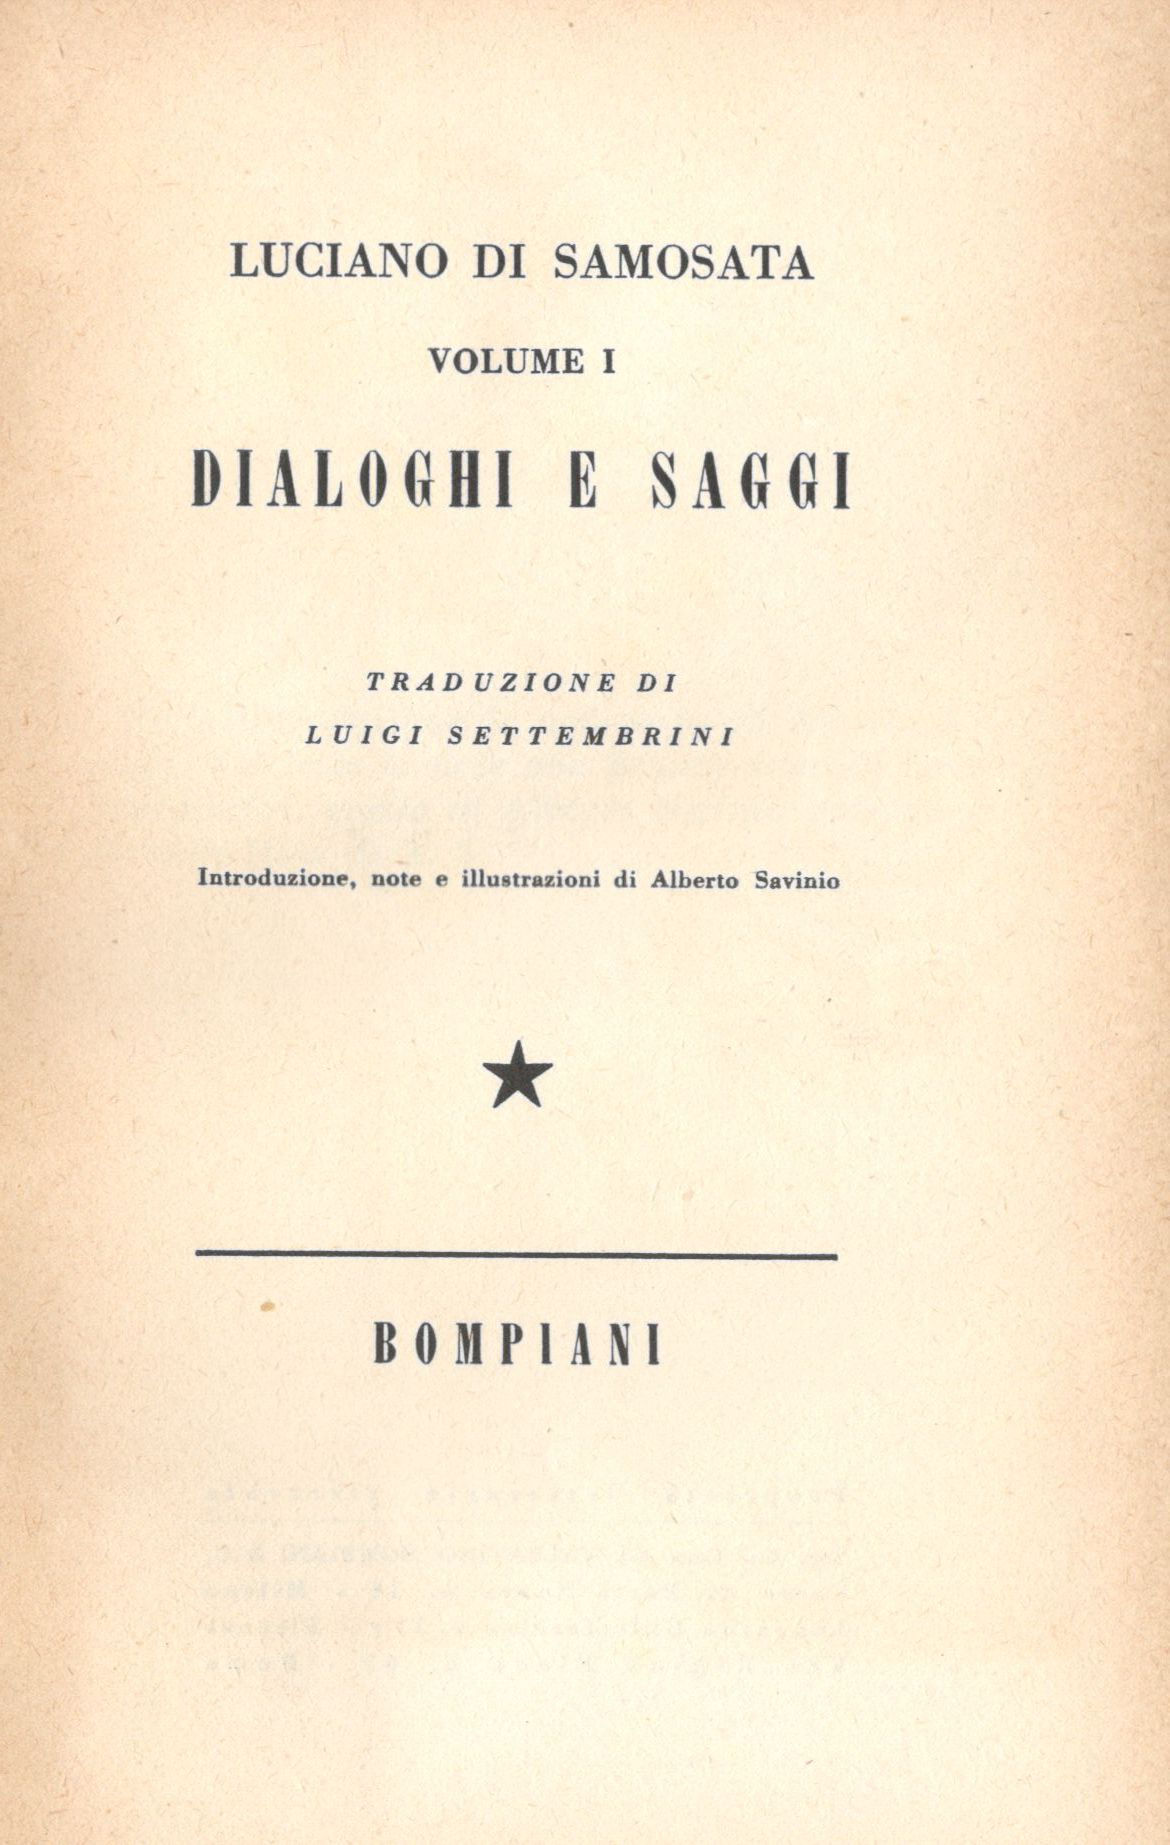 Fig. 1 Frontespizio dei Dialoghi e saggi di Luciano di Samosata (Bompiani, 1944)